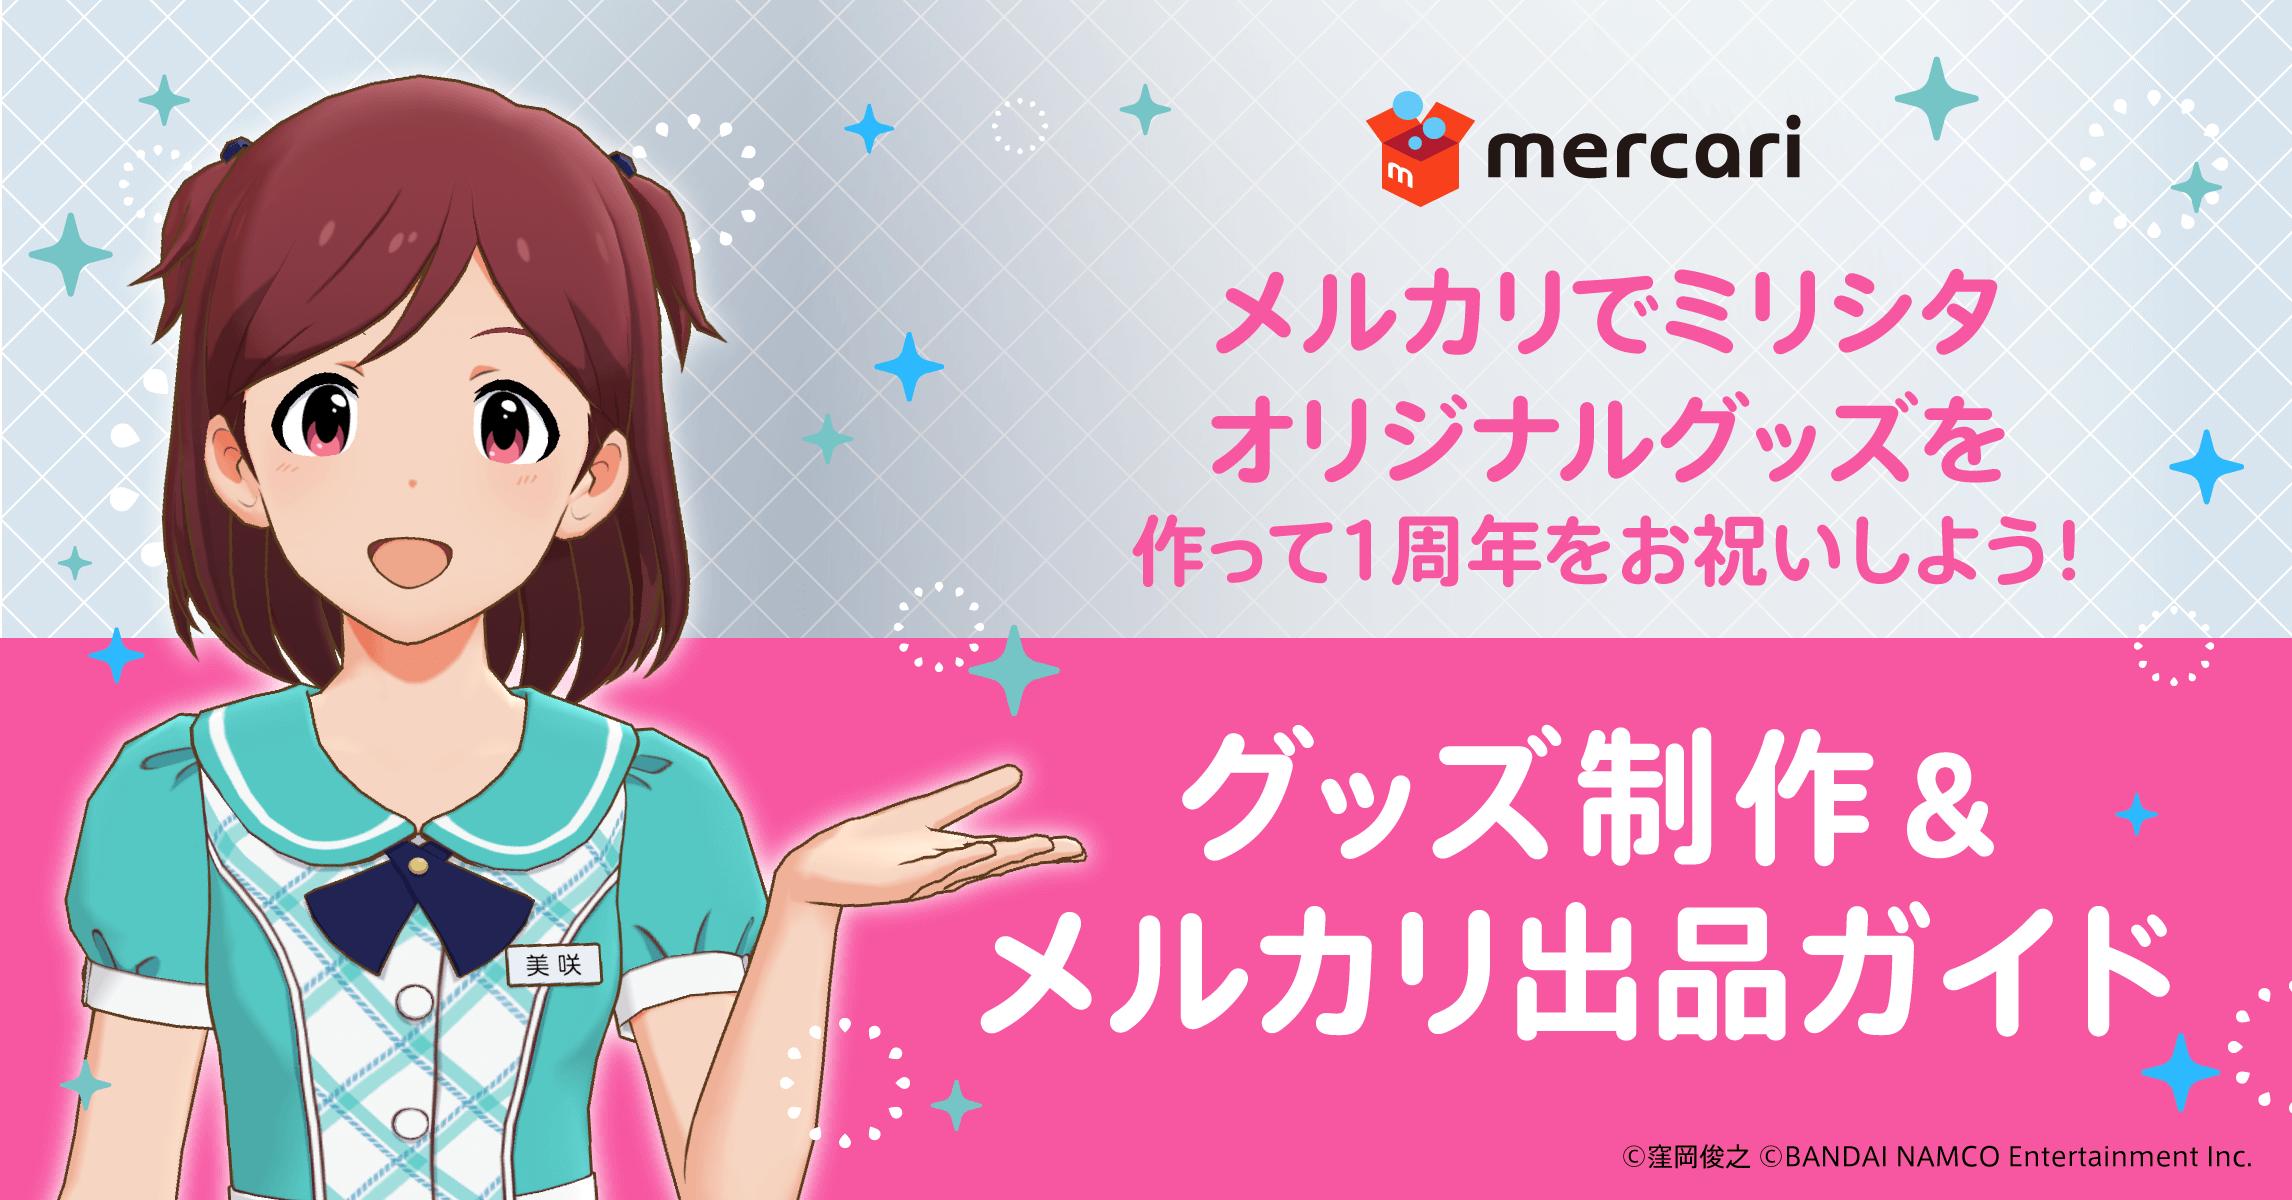 mirishita_mercari4